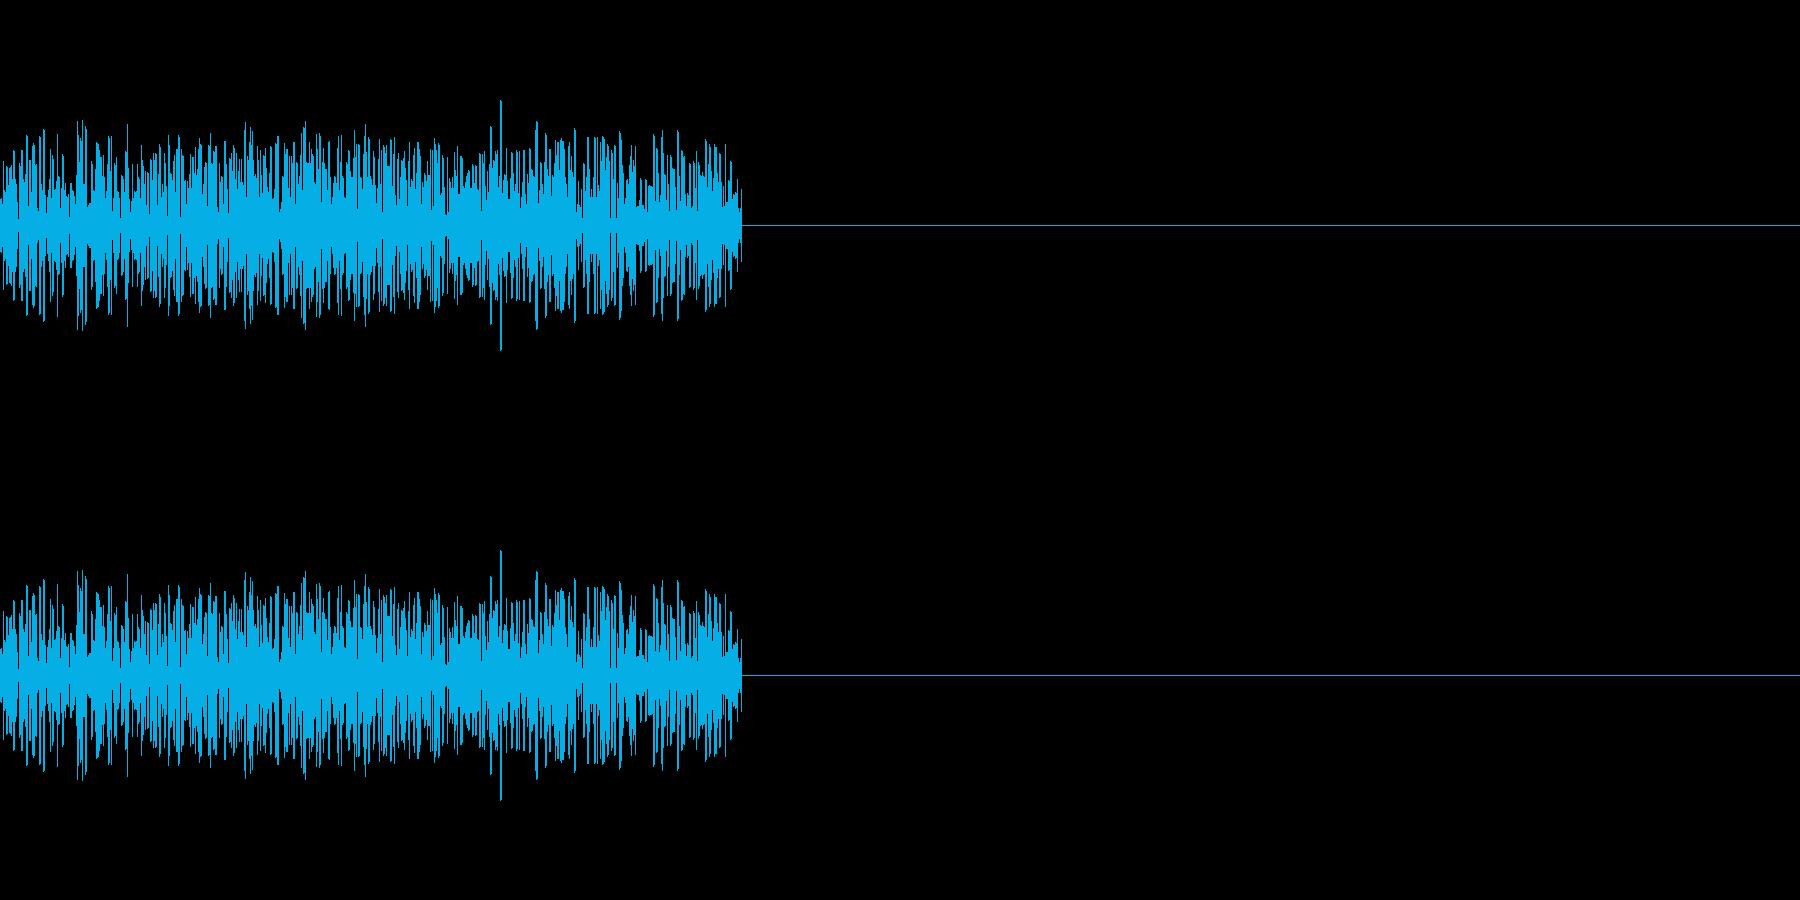 「ザッ」「ジャッ」レトロゲーム風剣の攻撃の再生済みの波形